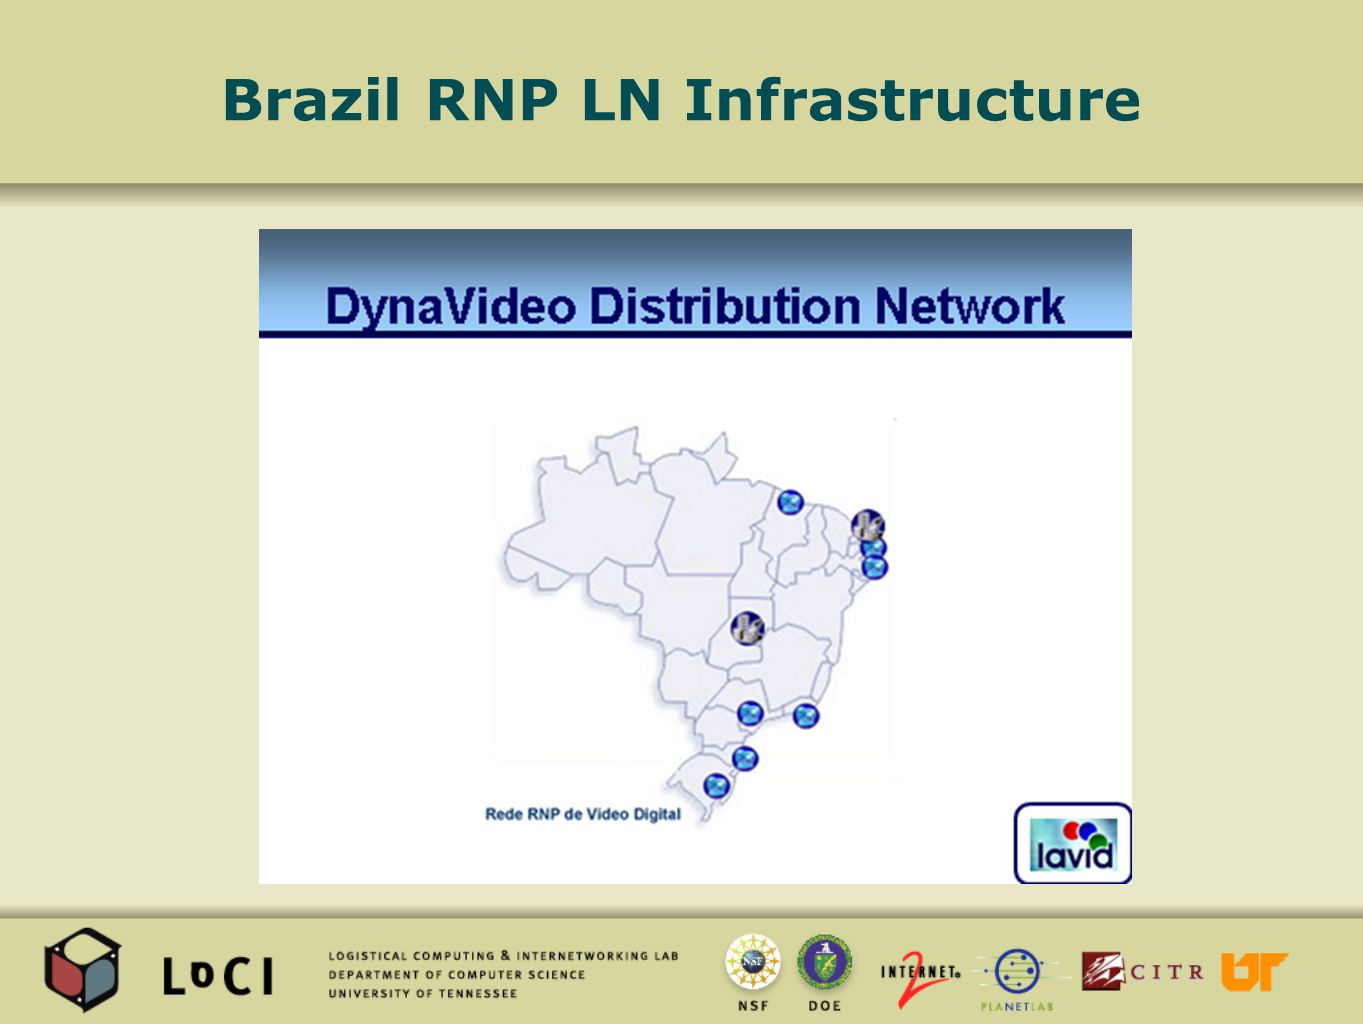 Brazil RNP LN Infrastructure